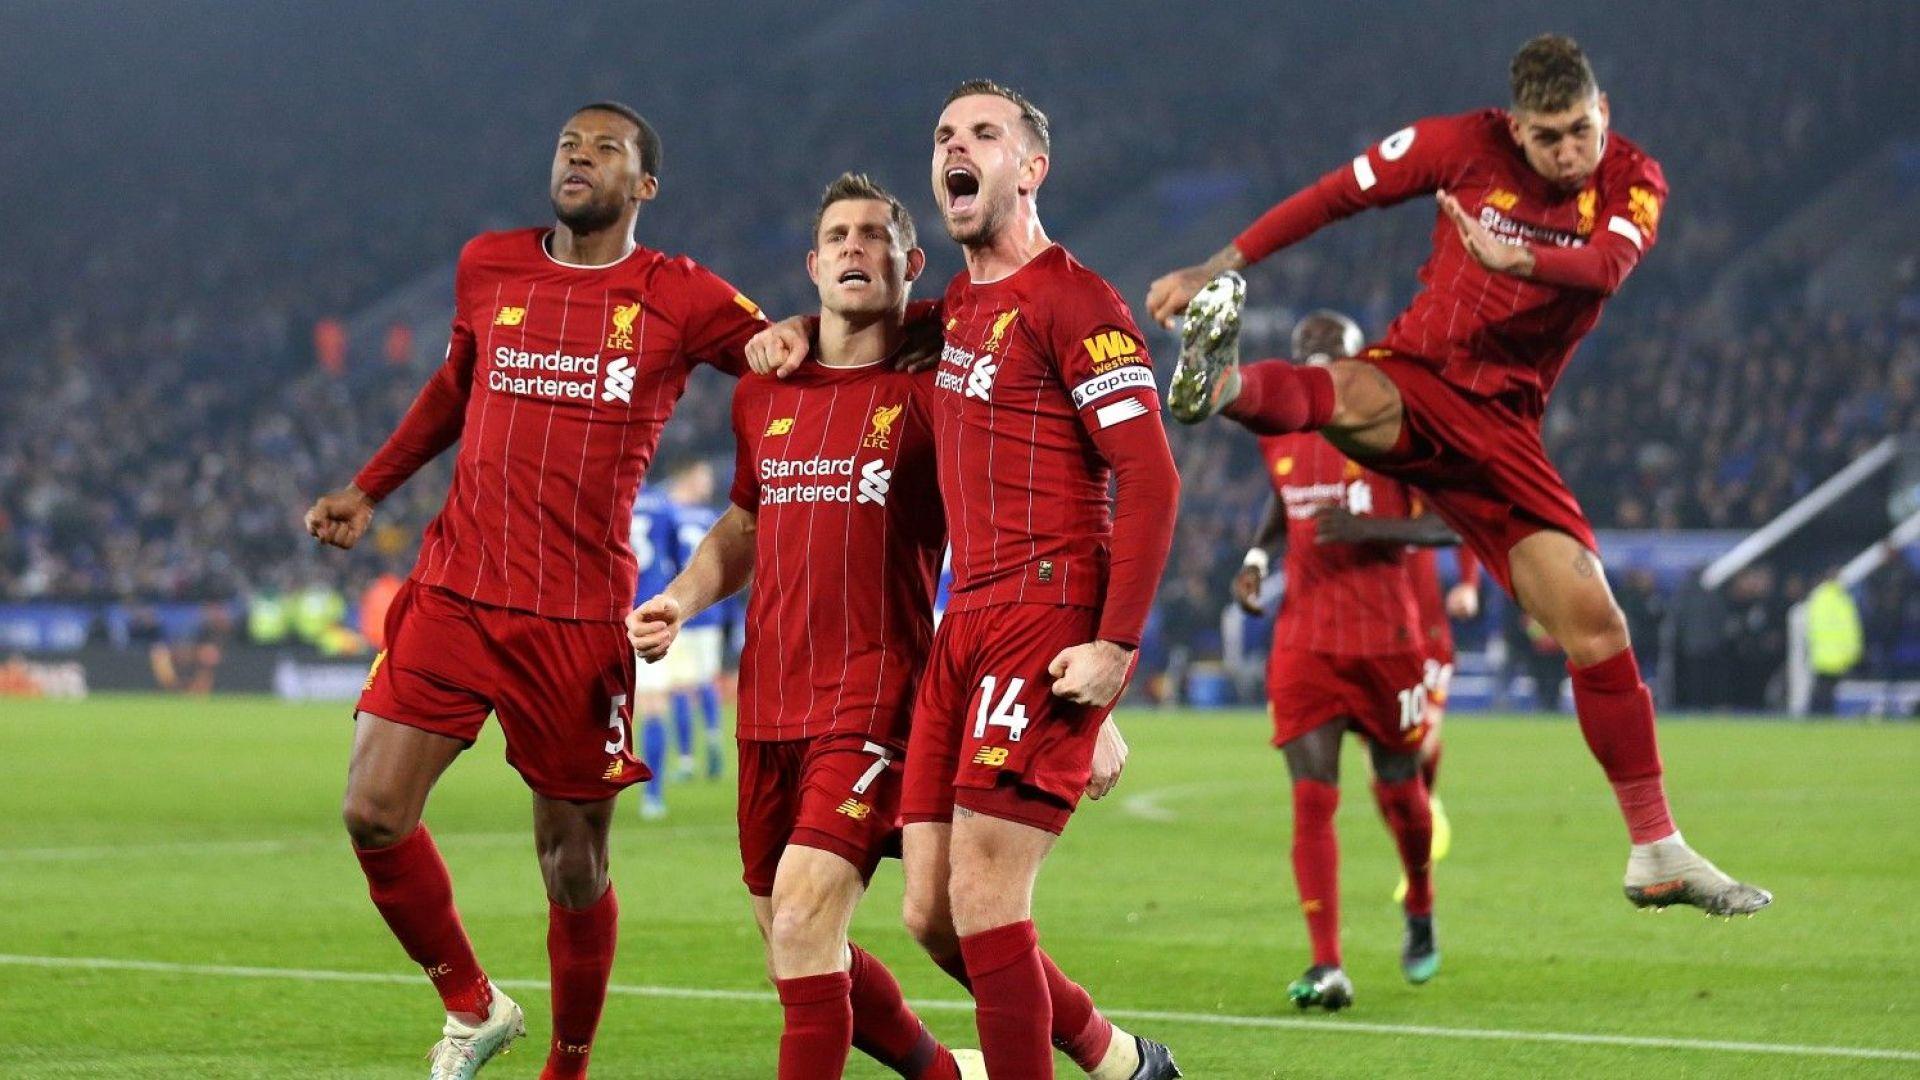 Уникалната серия на Ливърпул ще продължи при визитата на Уест Хям